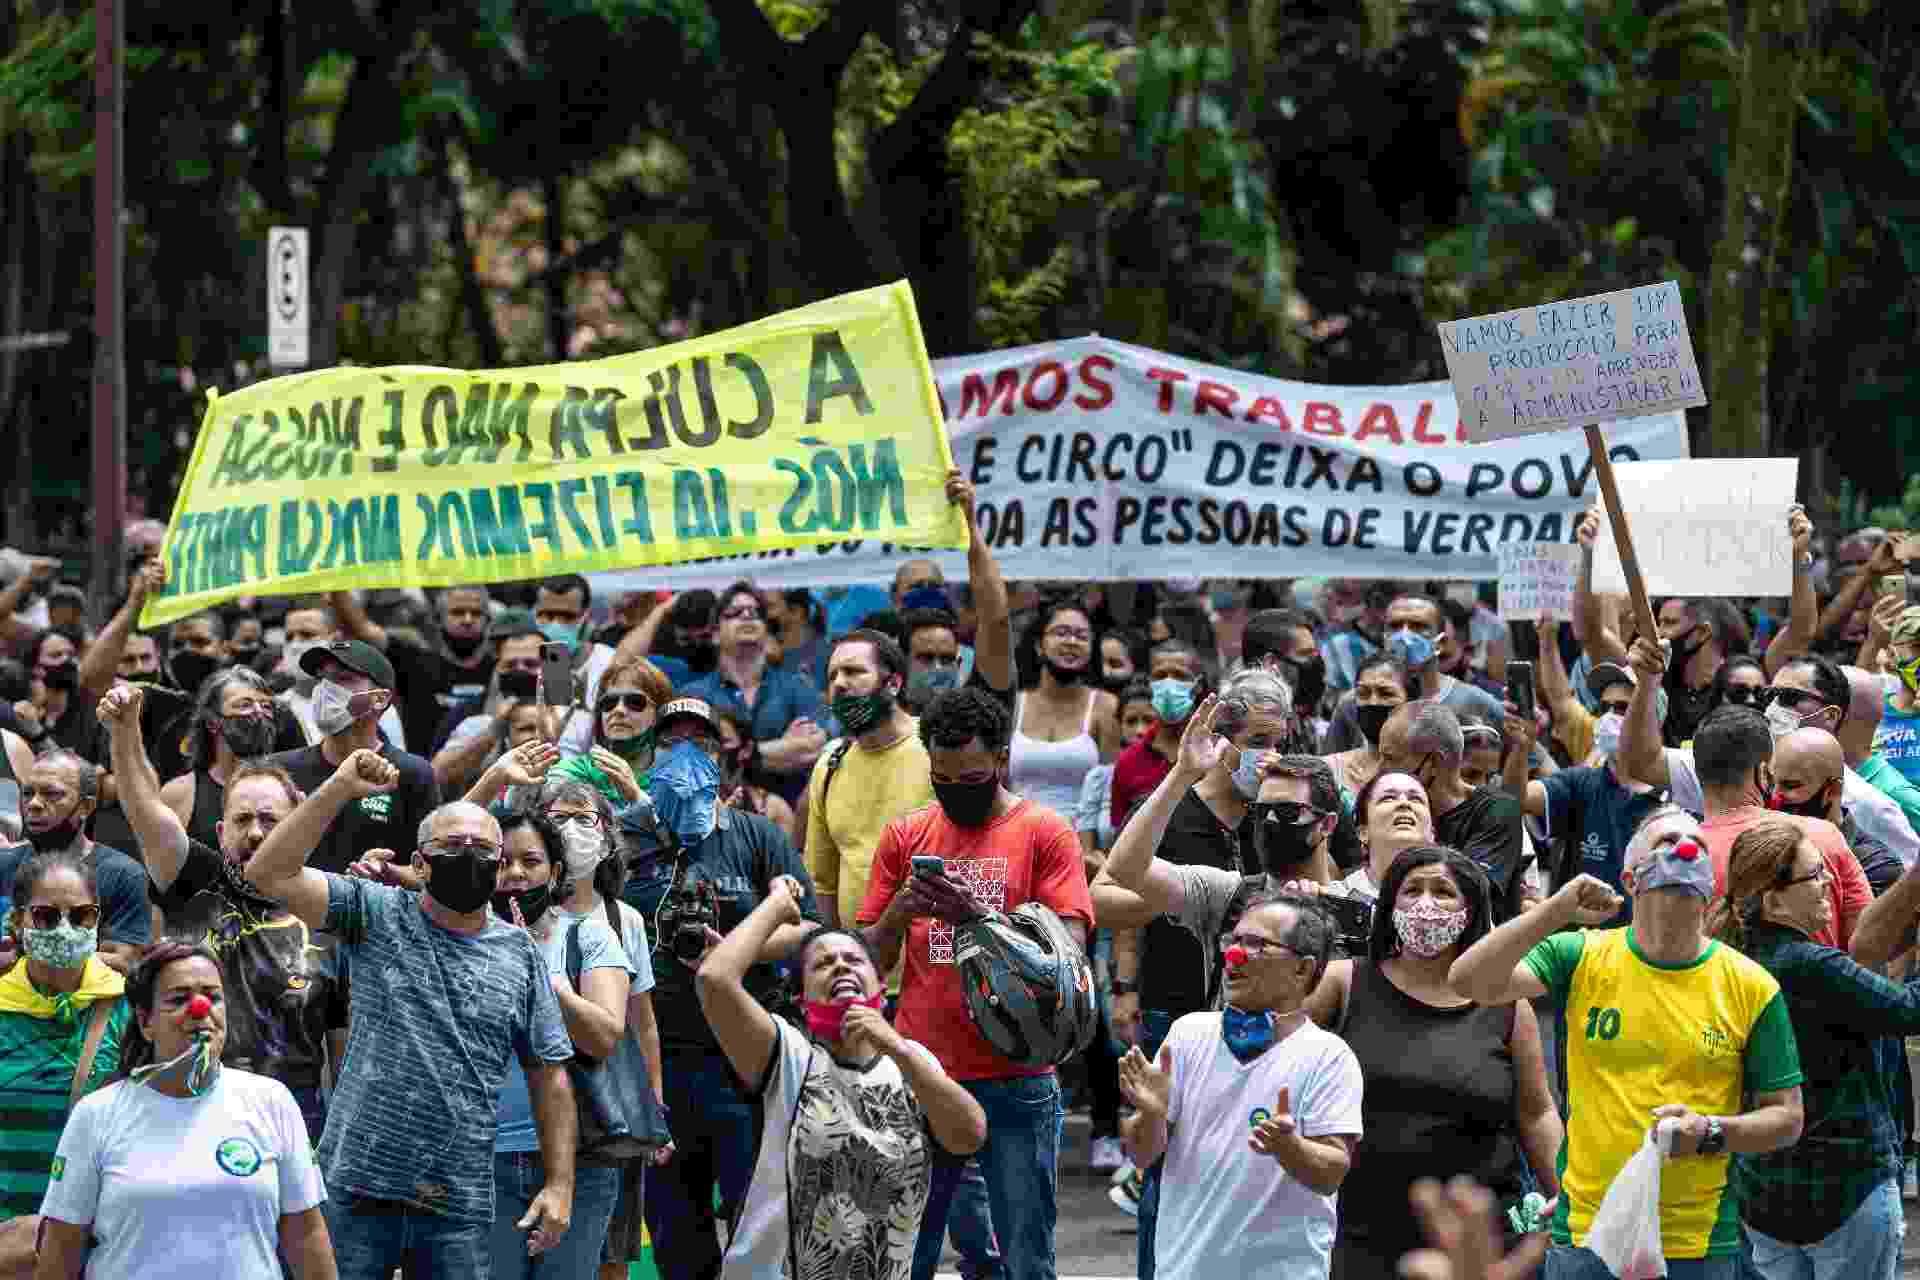 Participantes do ato carregavam faixas com palavras de ordem contra o prefeito Alexandre Kalil (PSD) - Gledston Tavares/Estadão Conteúdo